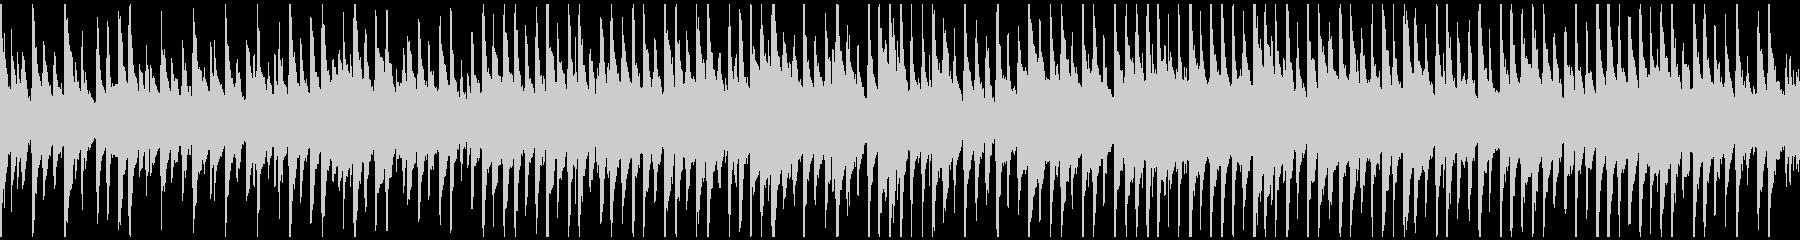 しっとり系のウクレレ曲 ※ループ仕様版の未再生の波形